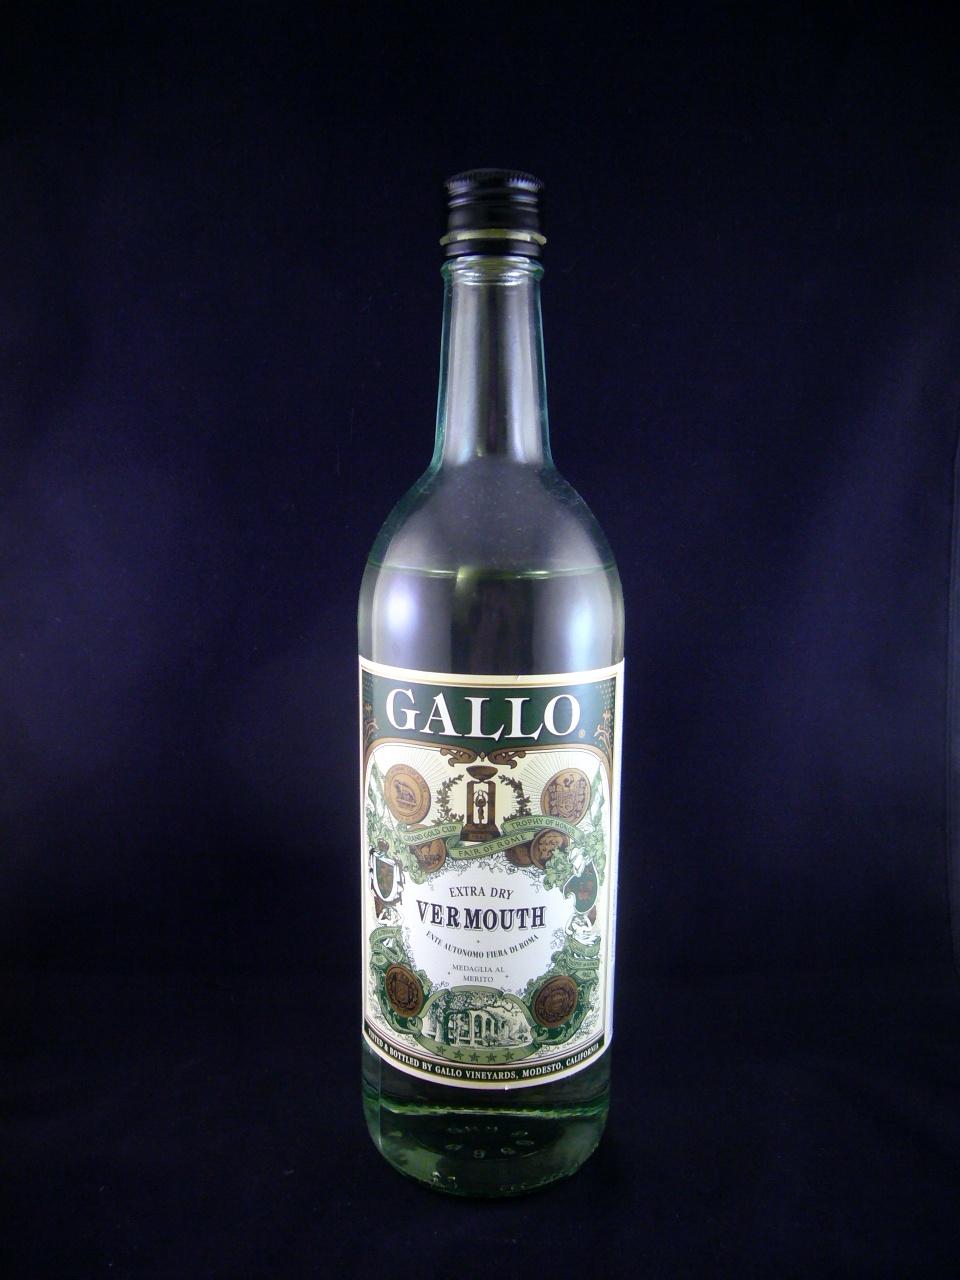 [리큐르 -와인] 드라이 베르무트 / Dry Vermouth